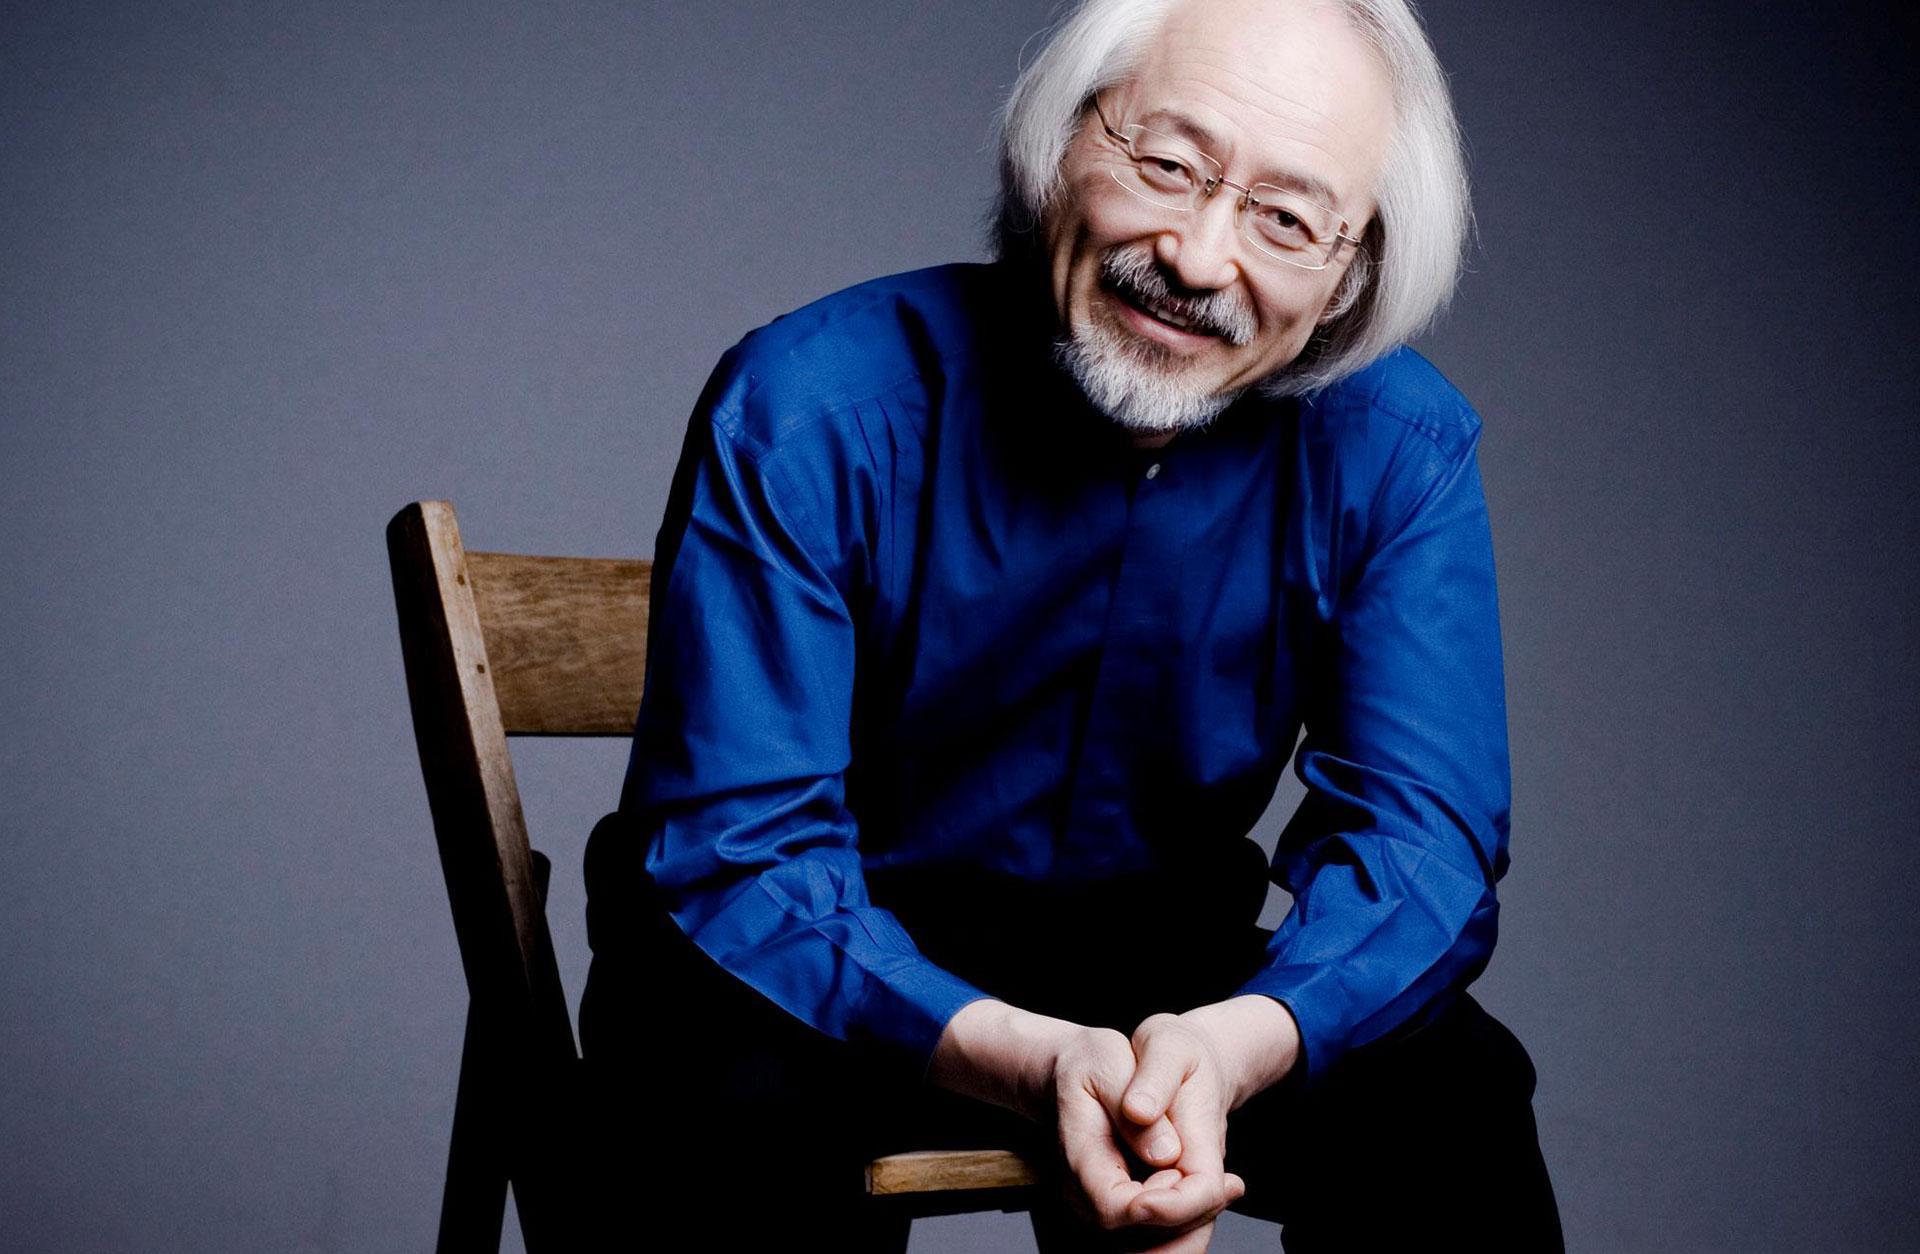 Masaaki Suzuki sitter på en stol. Han ler mot kameran.